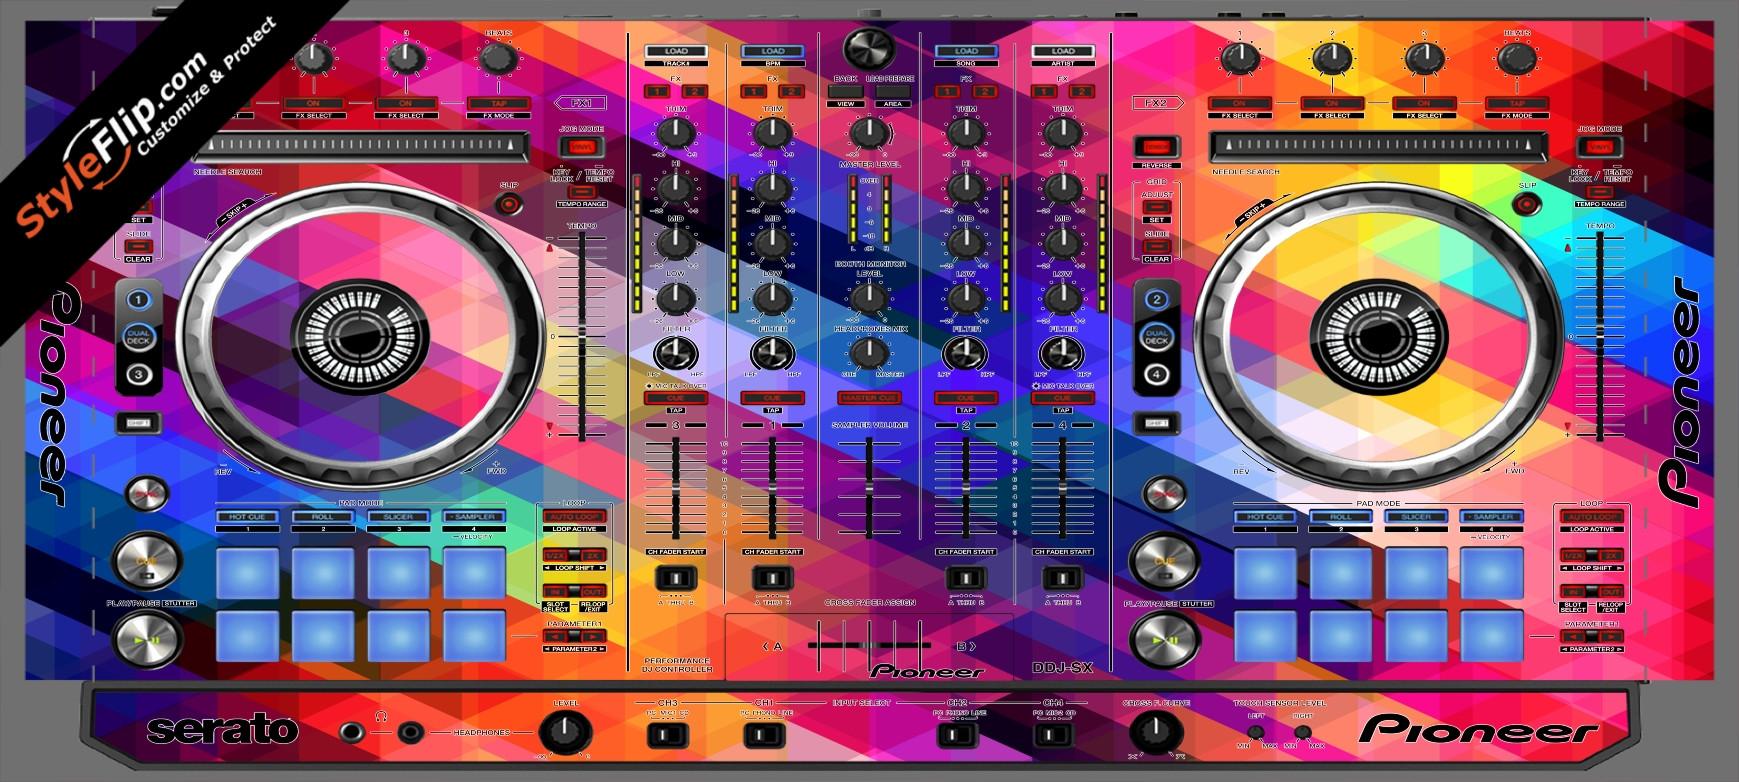 Dreamscape Pioneer DDJ-SX